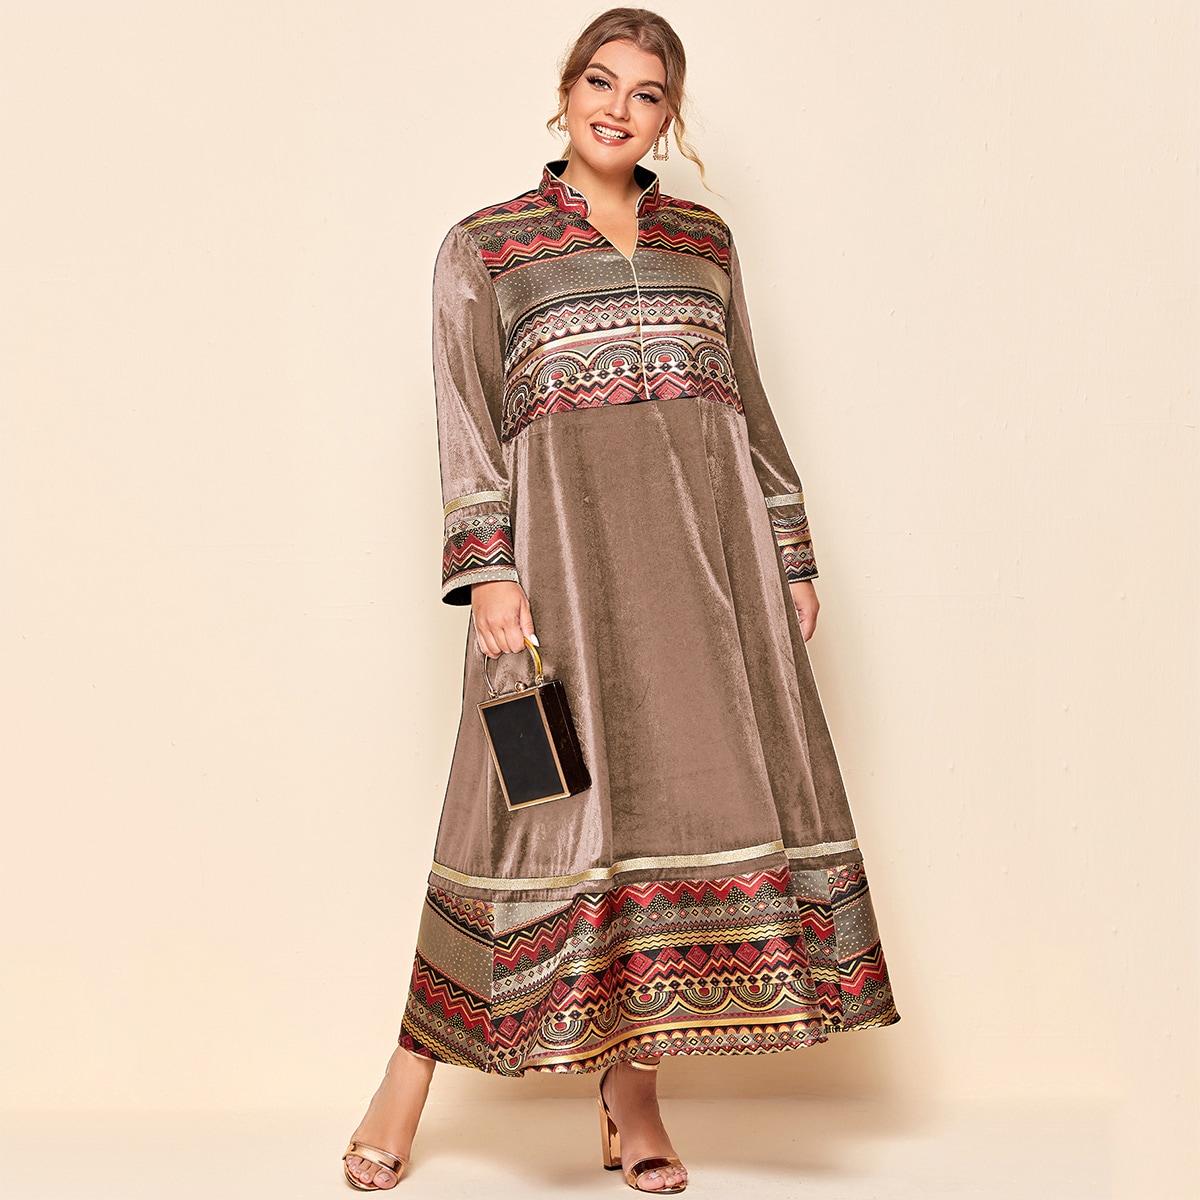 Контрастное платье размера плюс с оригинальным принтом